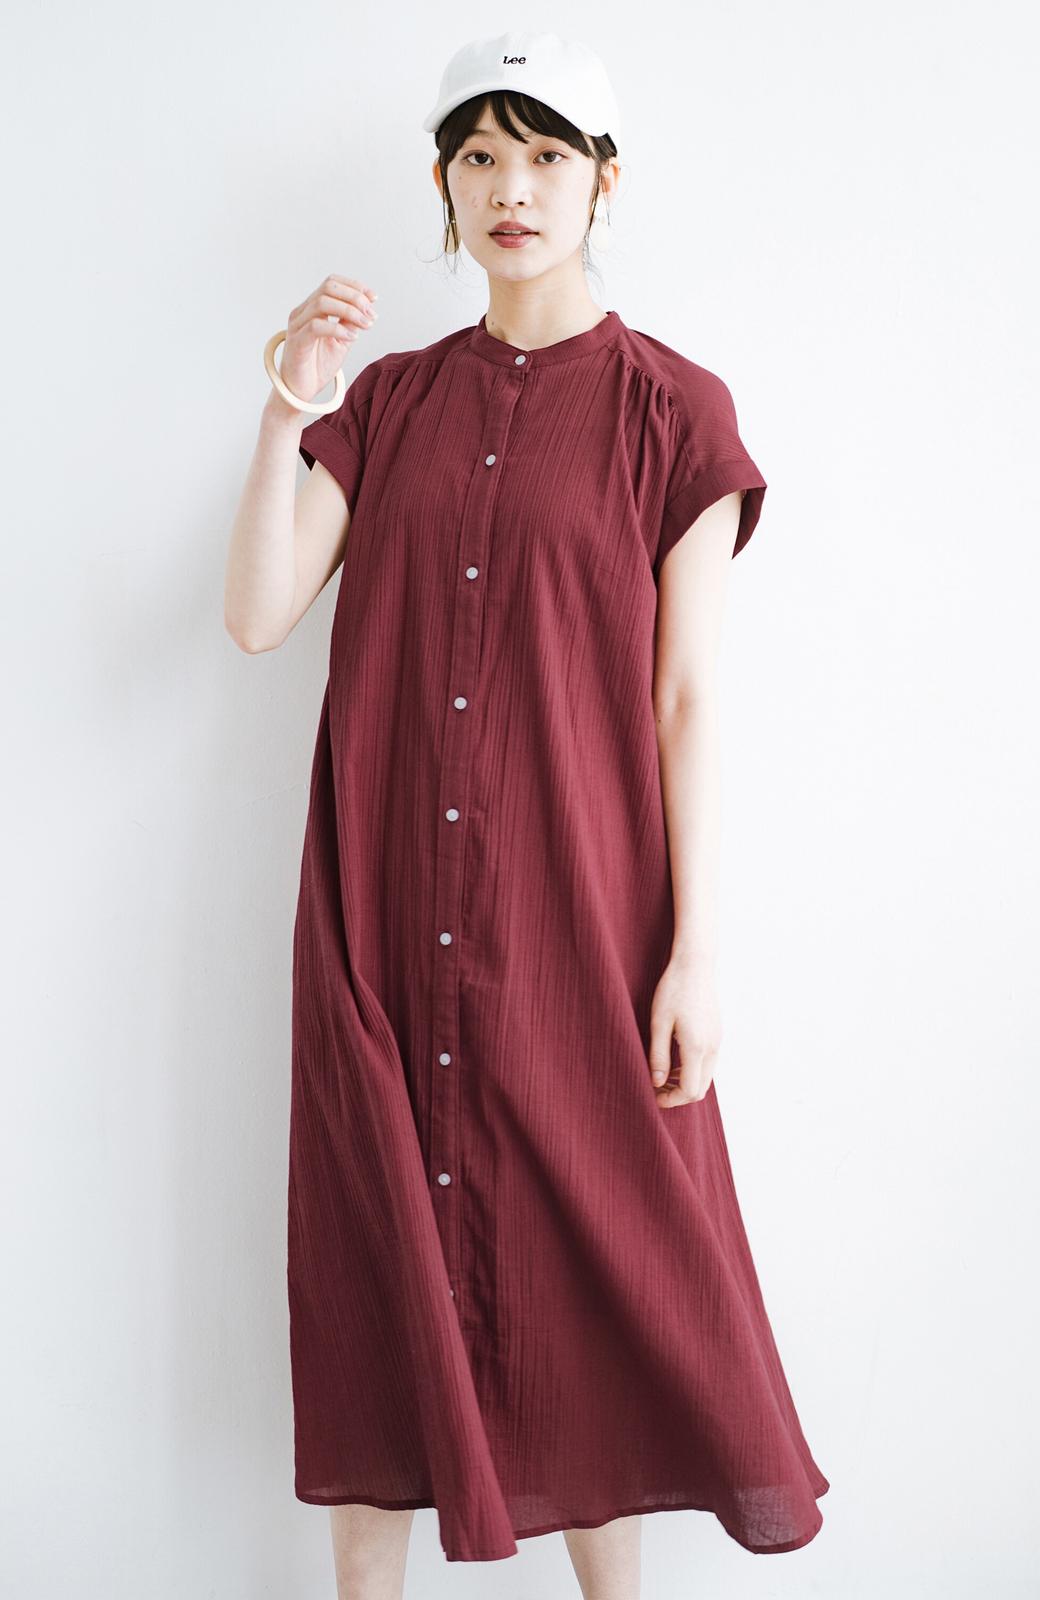 haco! バレずにとことん楽できる 羽織りとしても使える軽やかシャツワンピース <レッド>の商品写真1